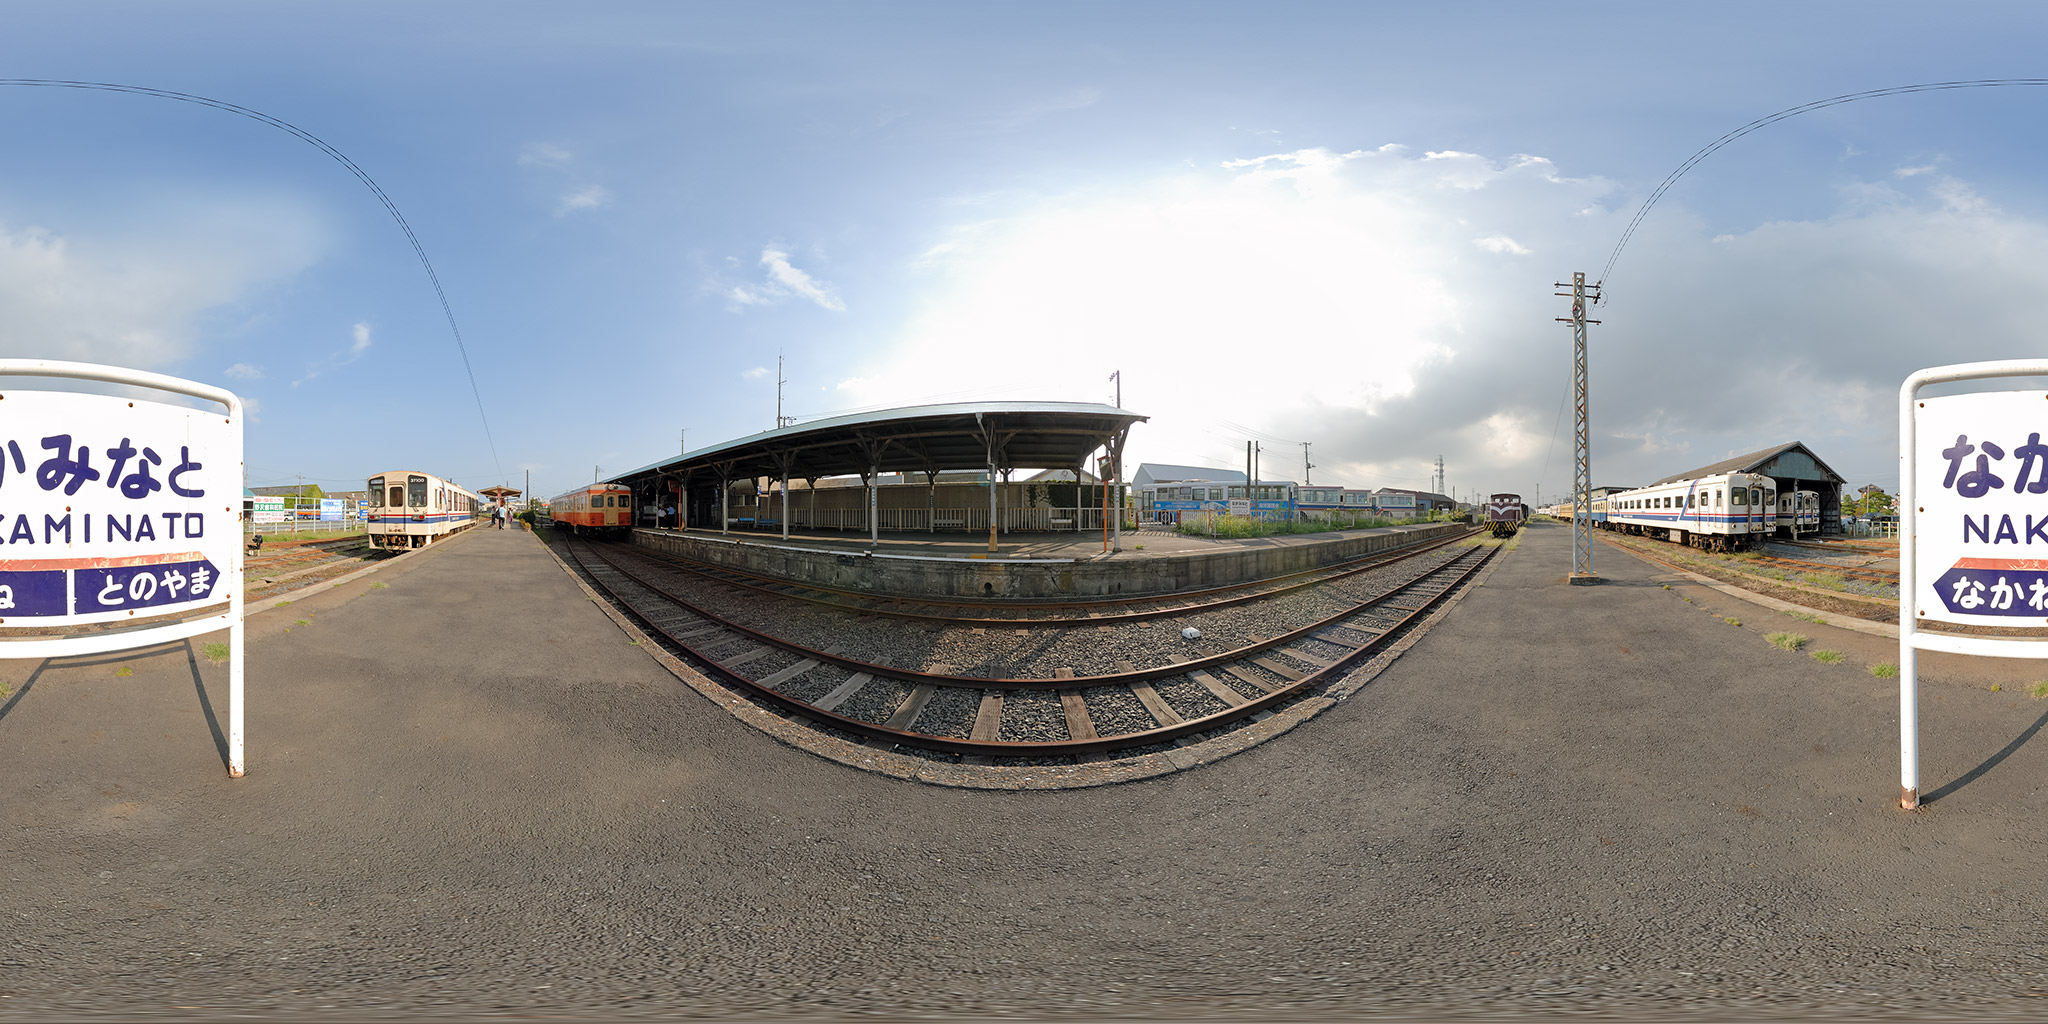 茨城交通時代の那珂湊駅で交換するキハ37100とキハ205